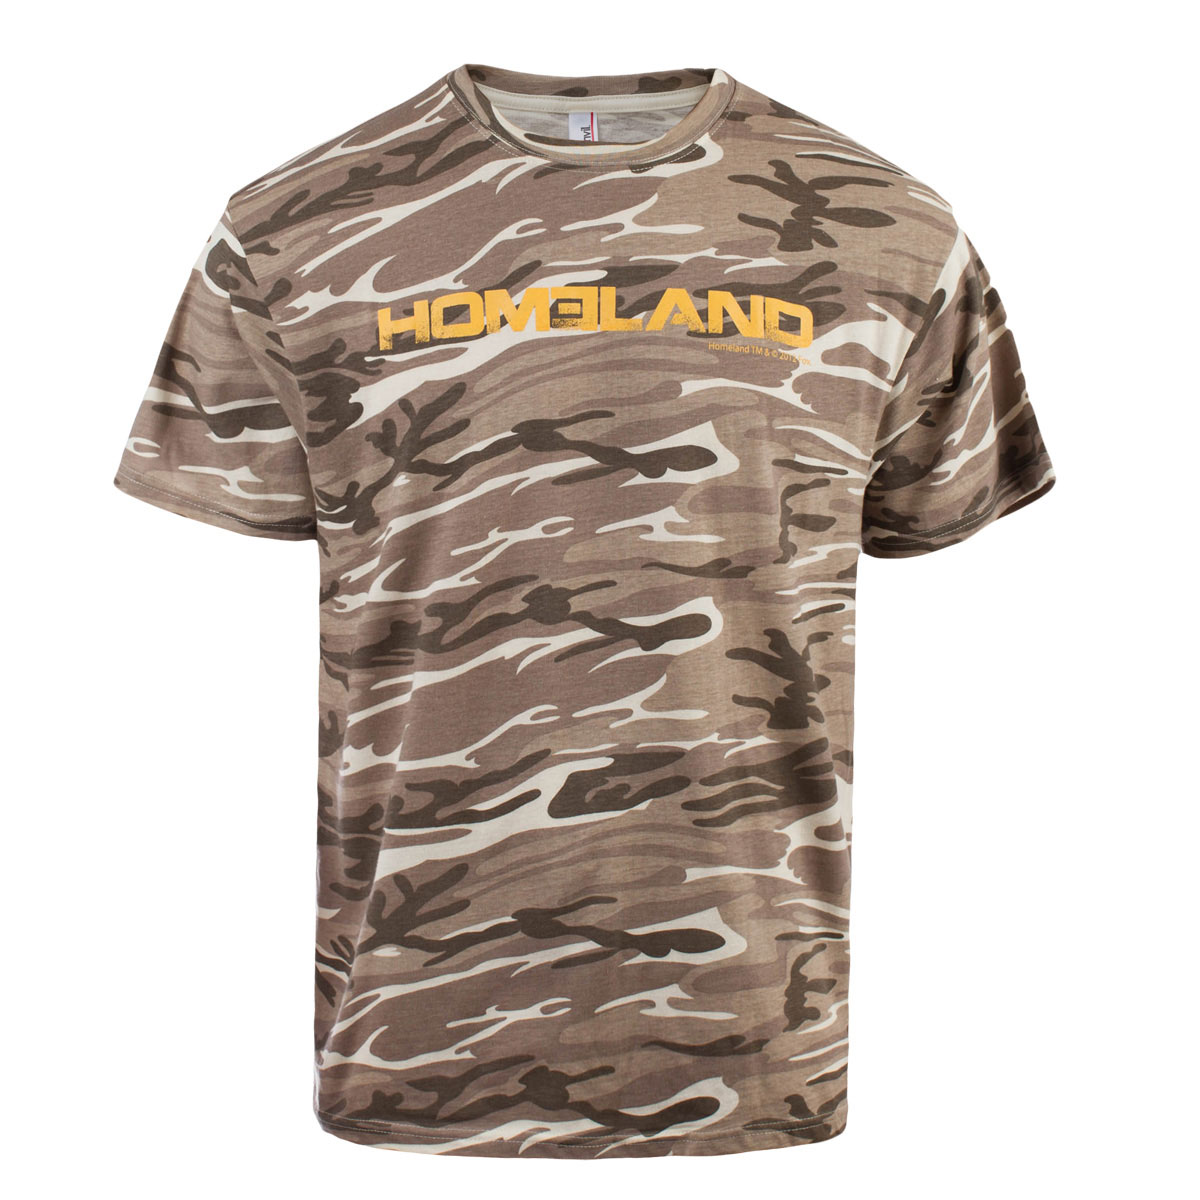 Homeland Camo T-Shirt